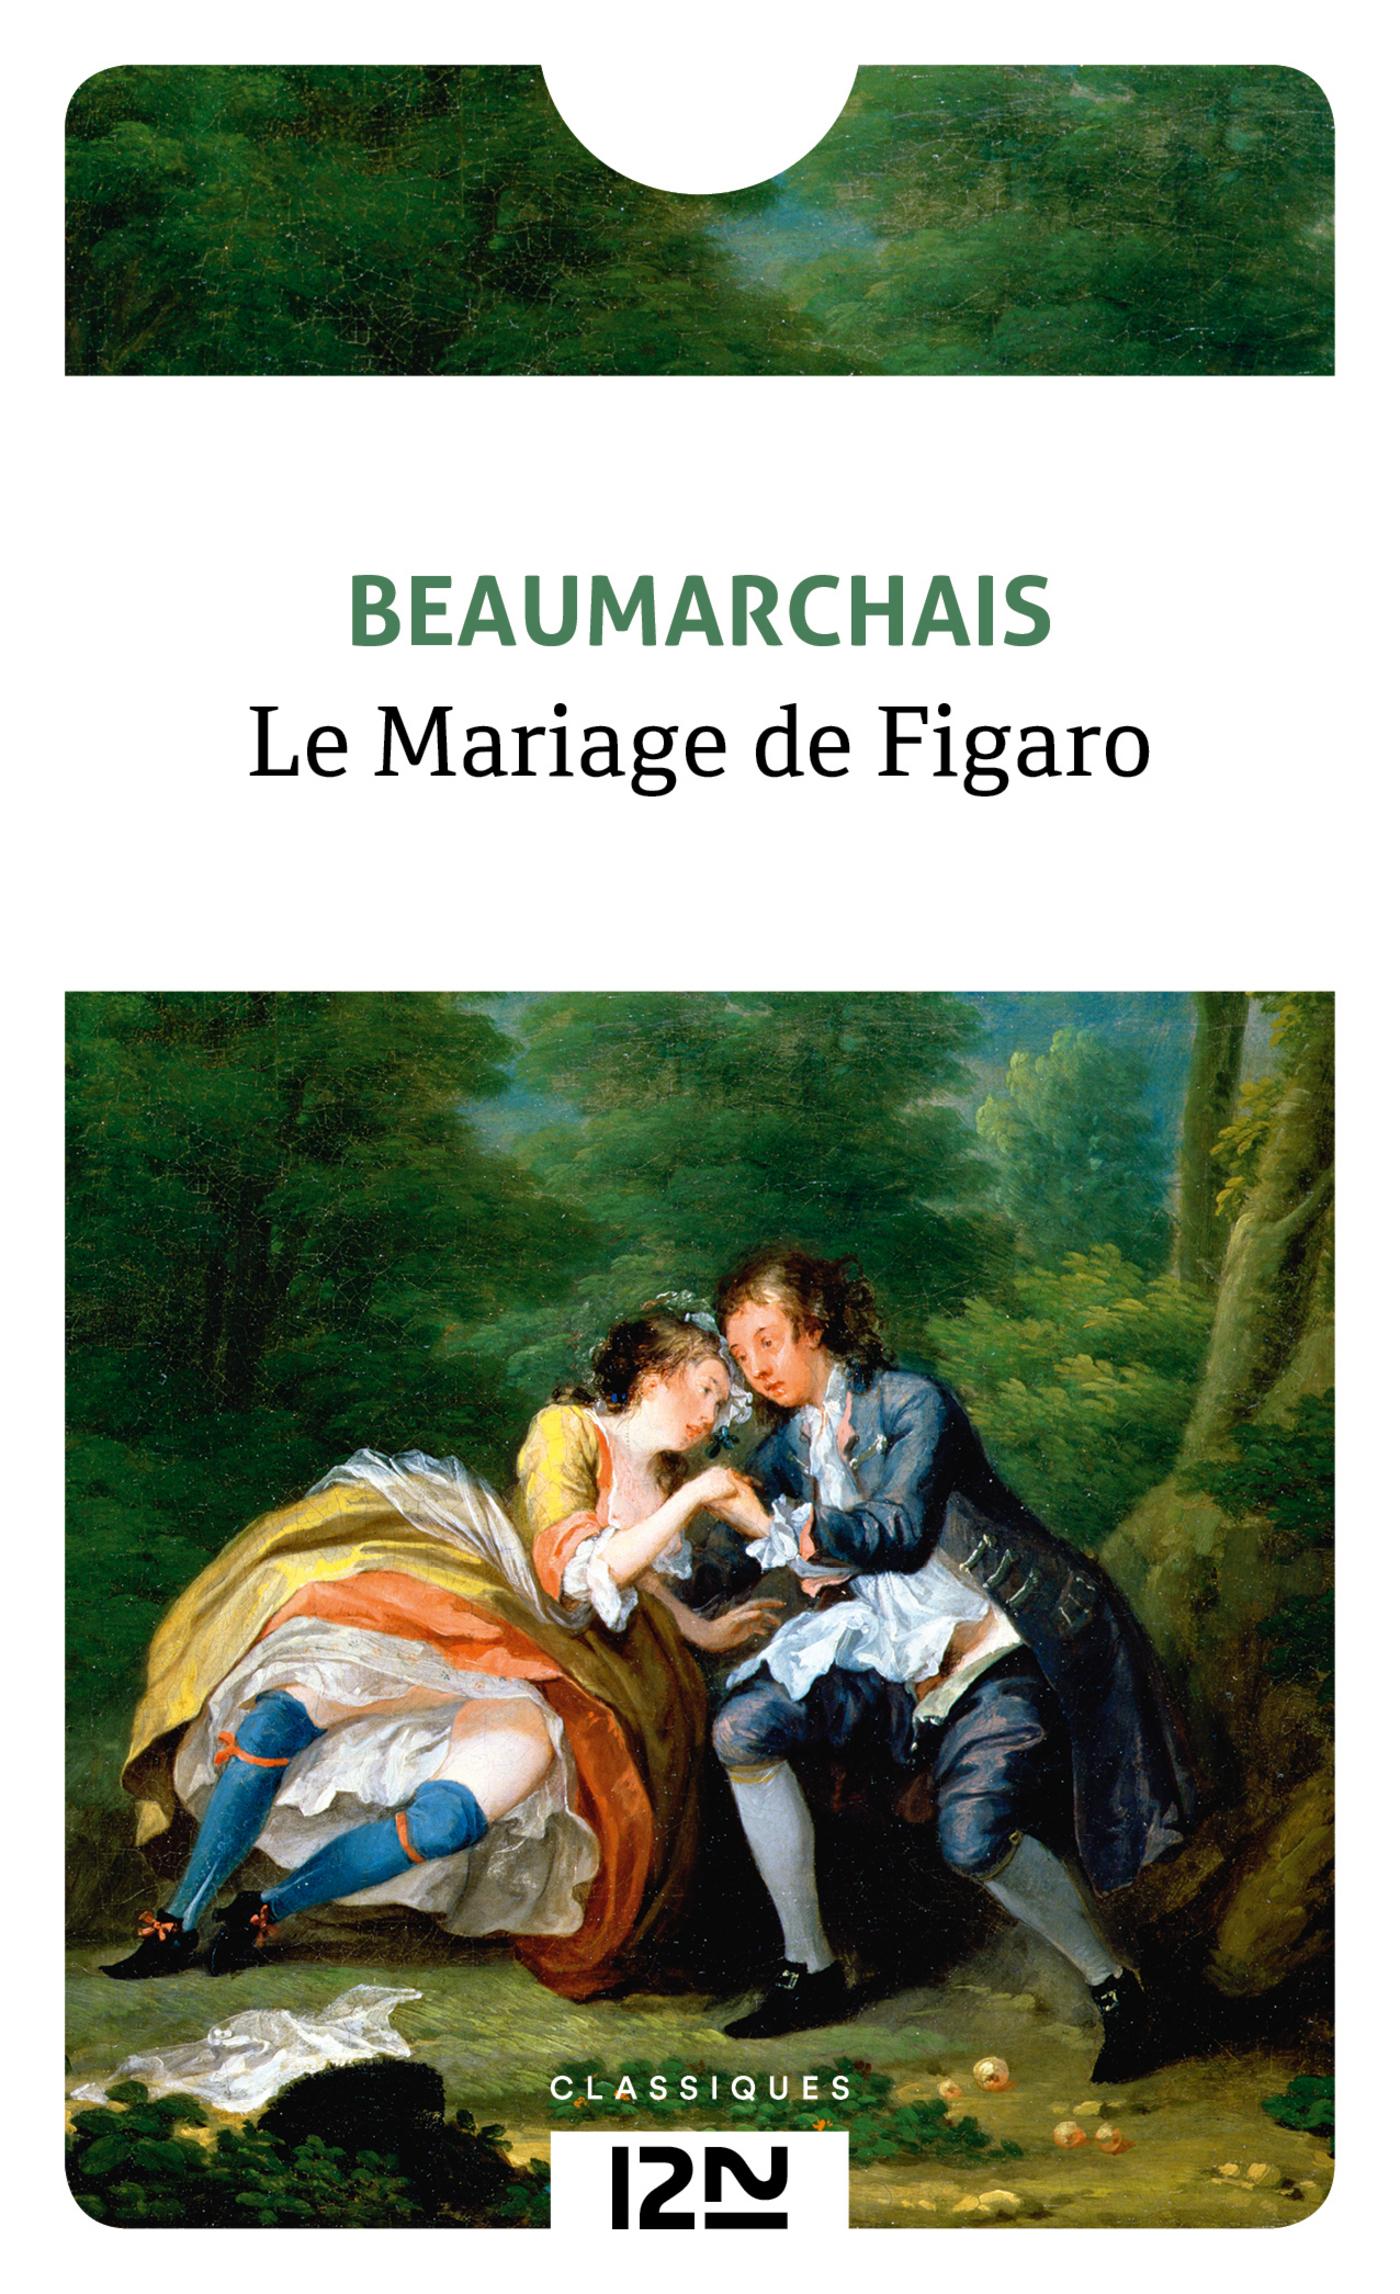 LE MARIAGE DE FIGARO A 1,55 EUROS